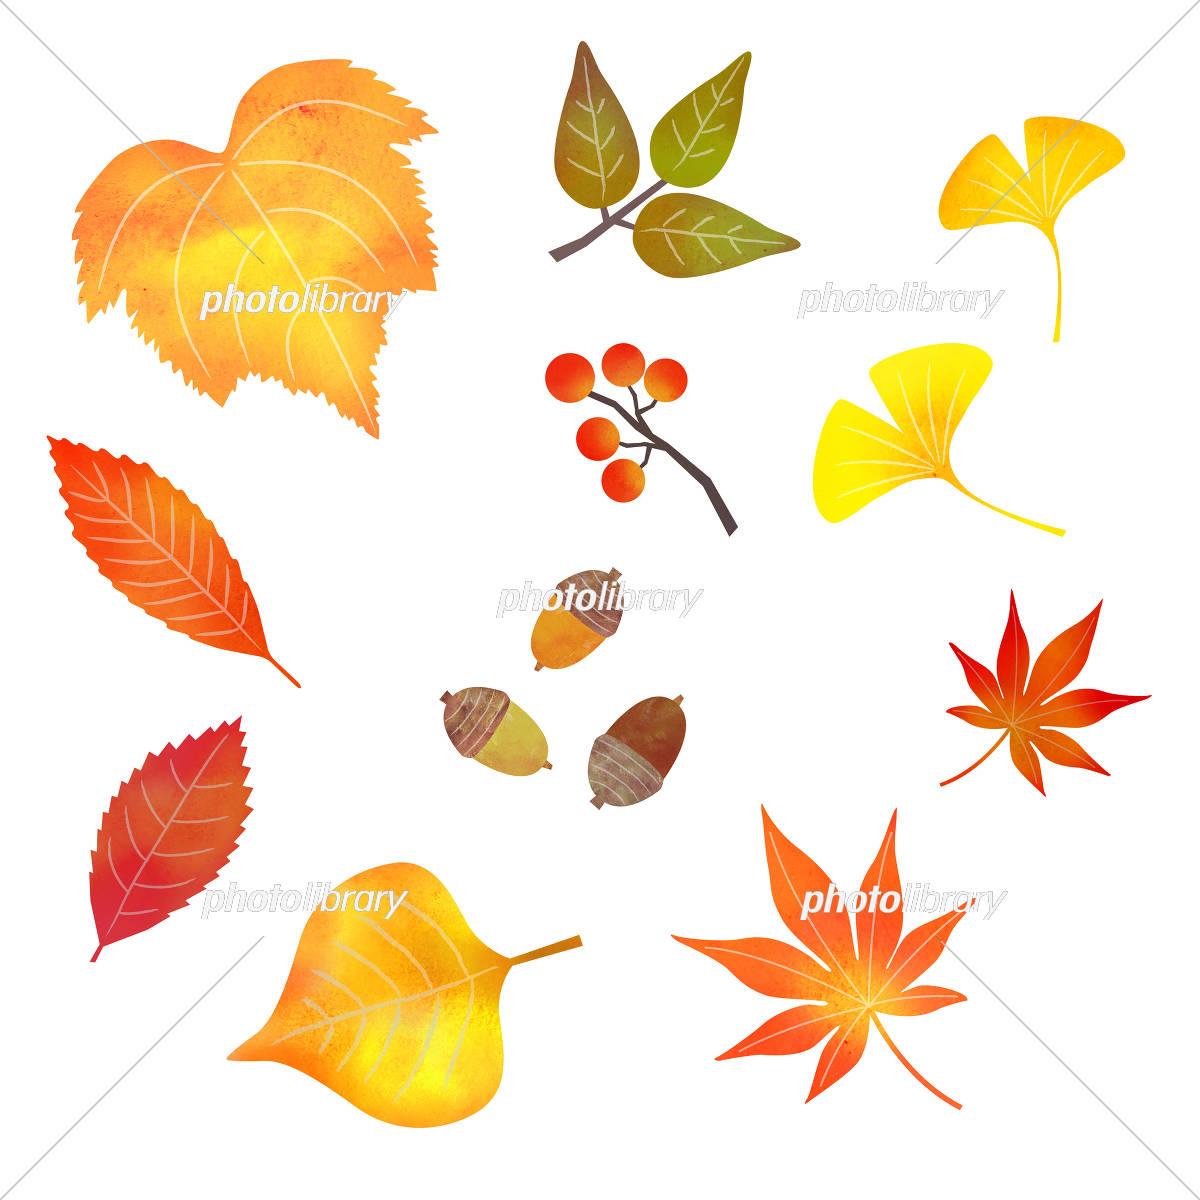 秋の葉っぱ イラスト素材 5236665 フォトライブラリー Photolibrary